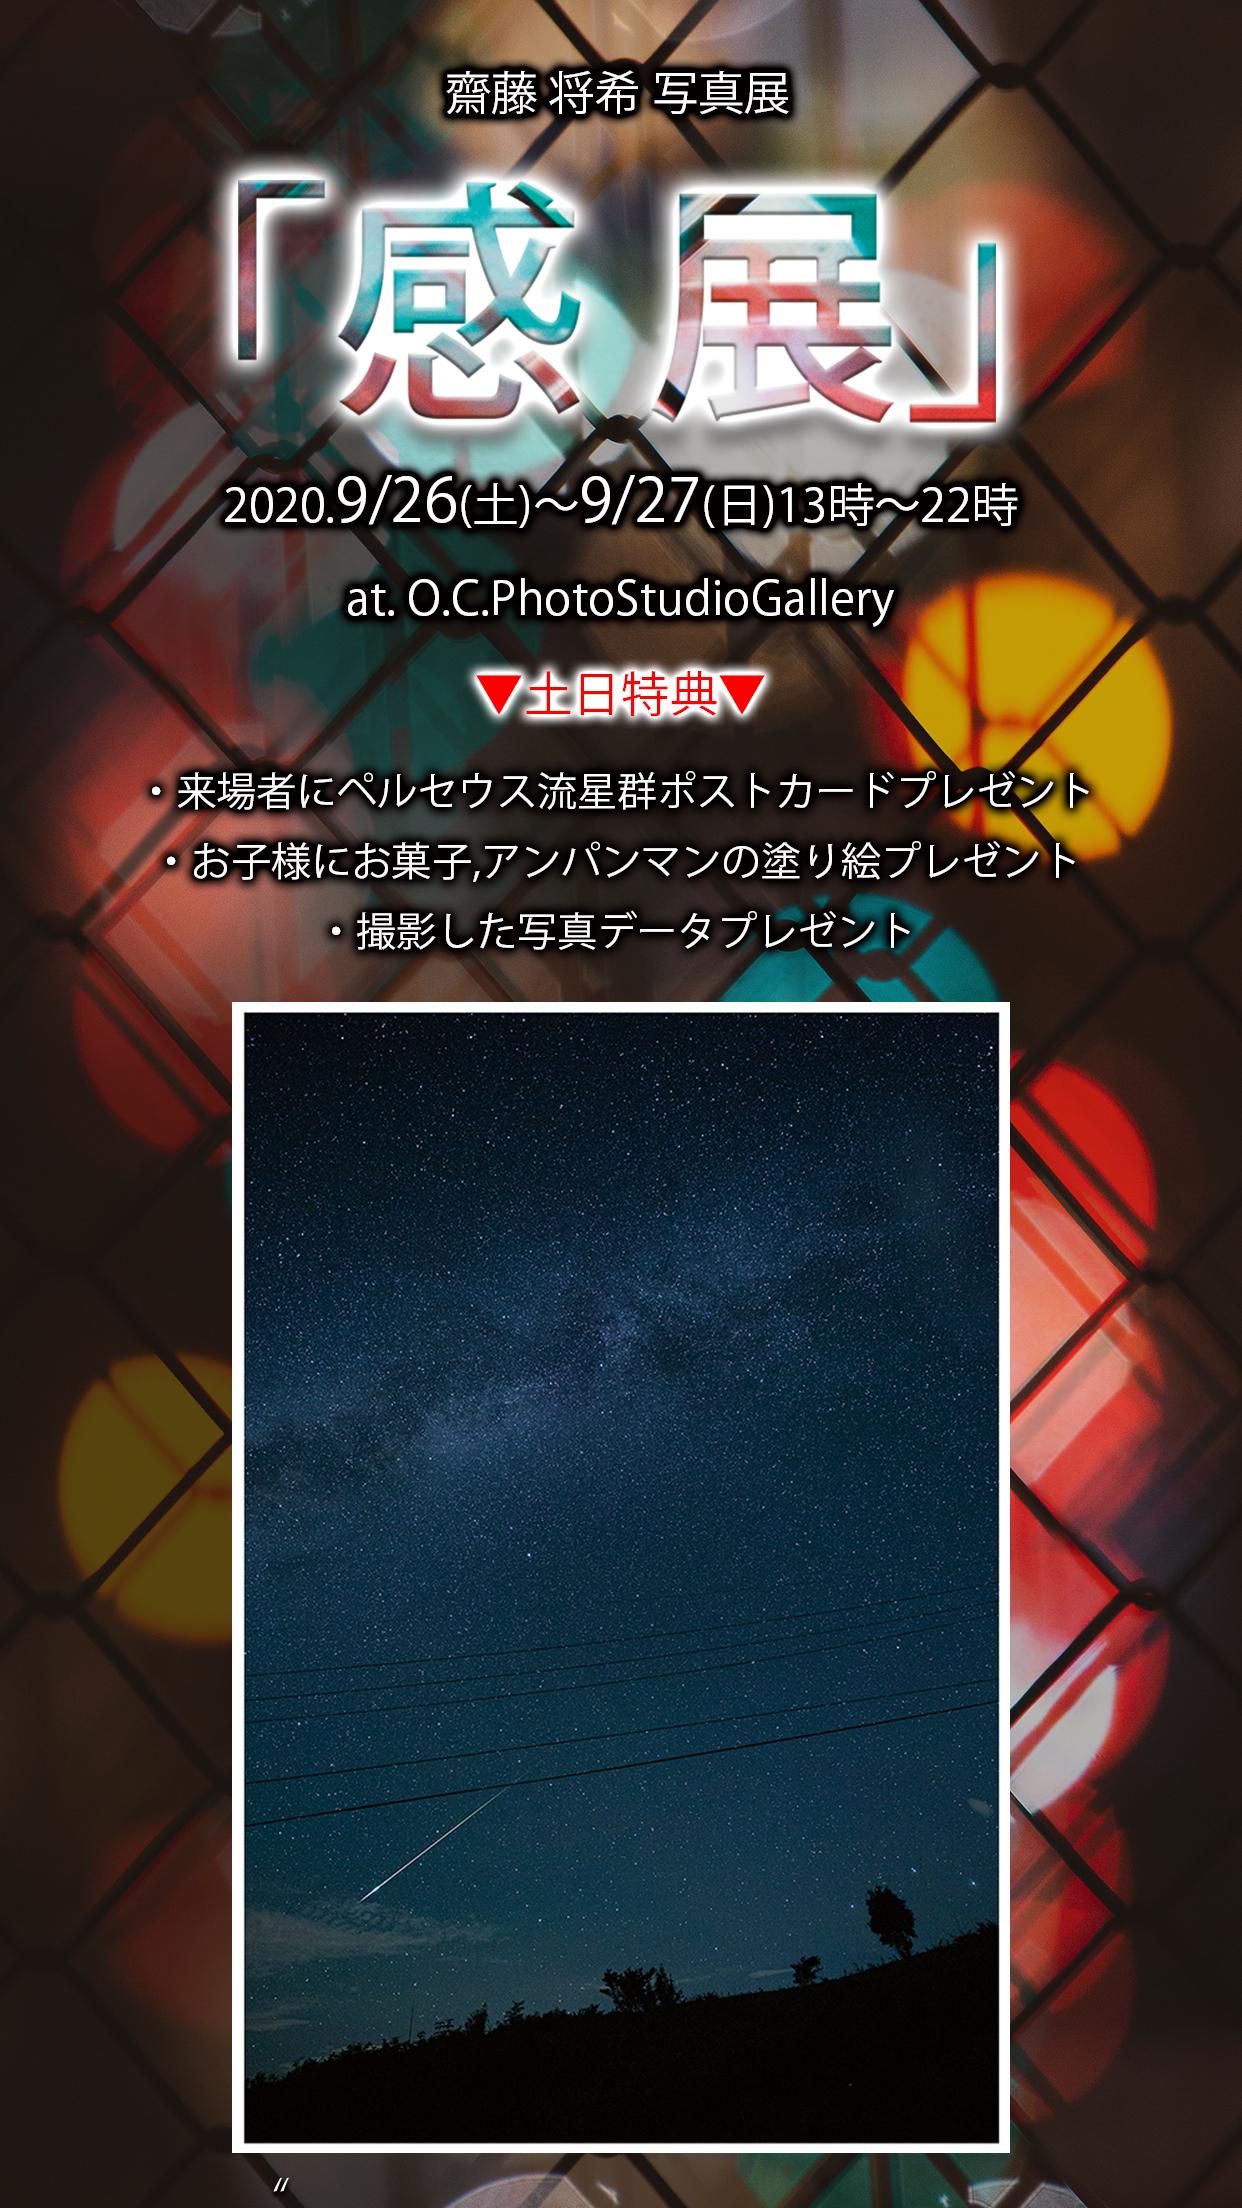 D9757E89-281C-4787-B4B0-A0BFABE08C16